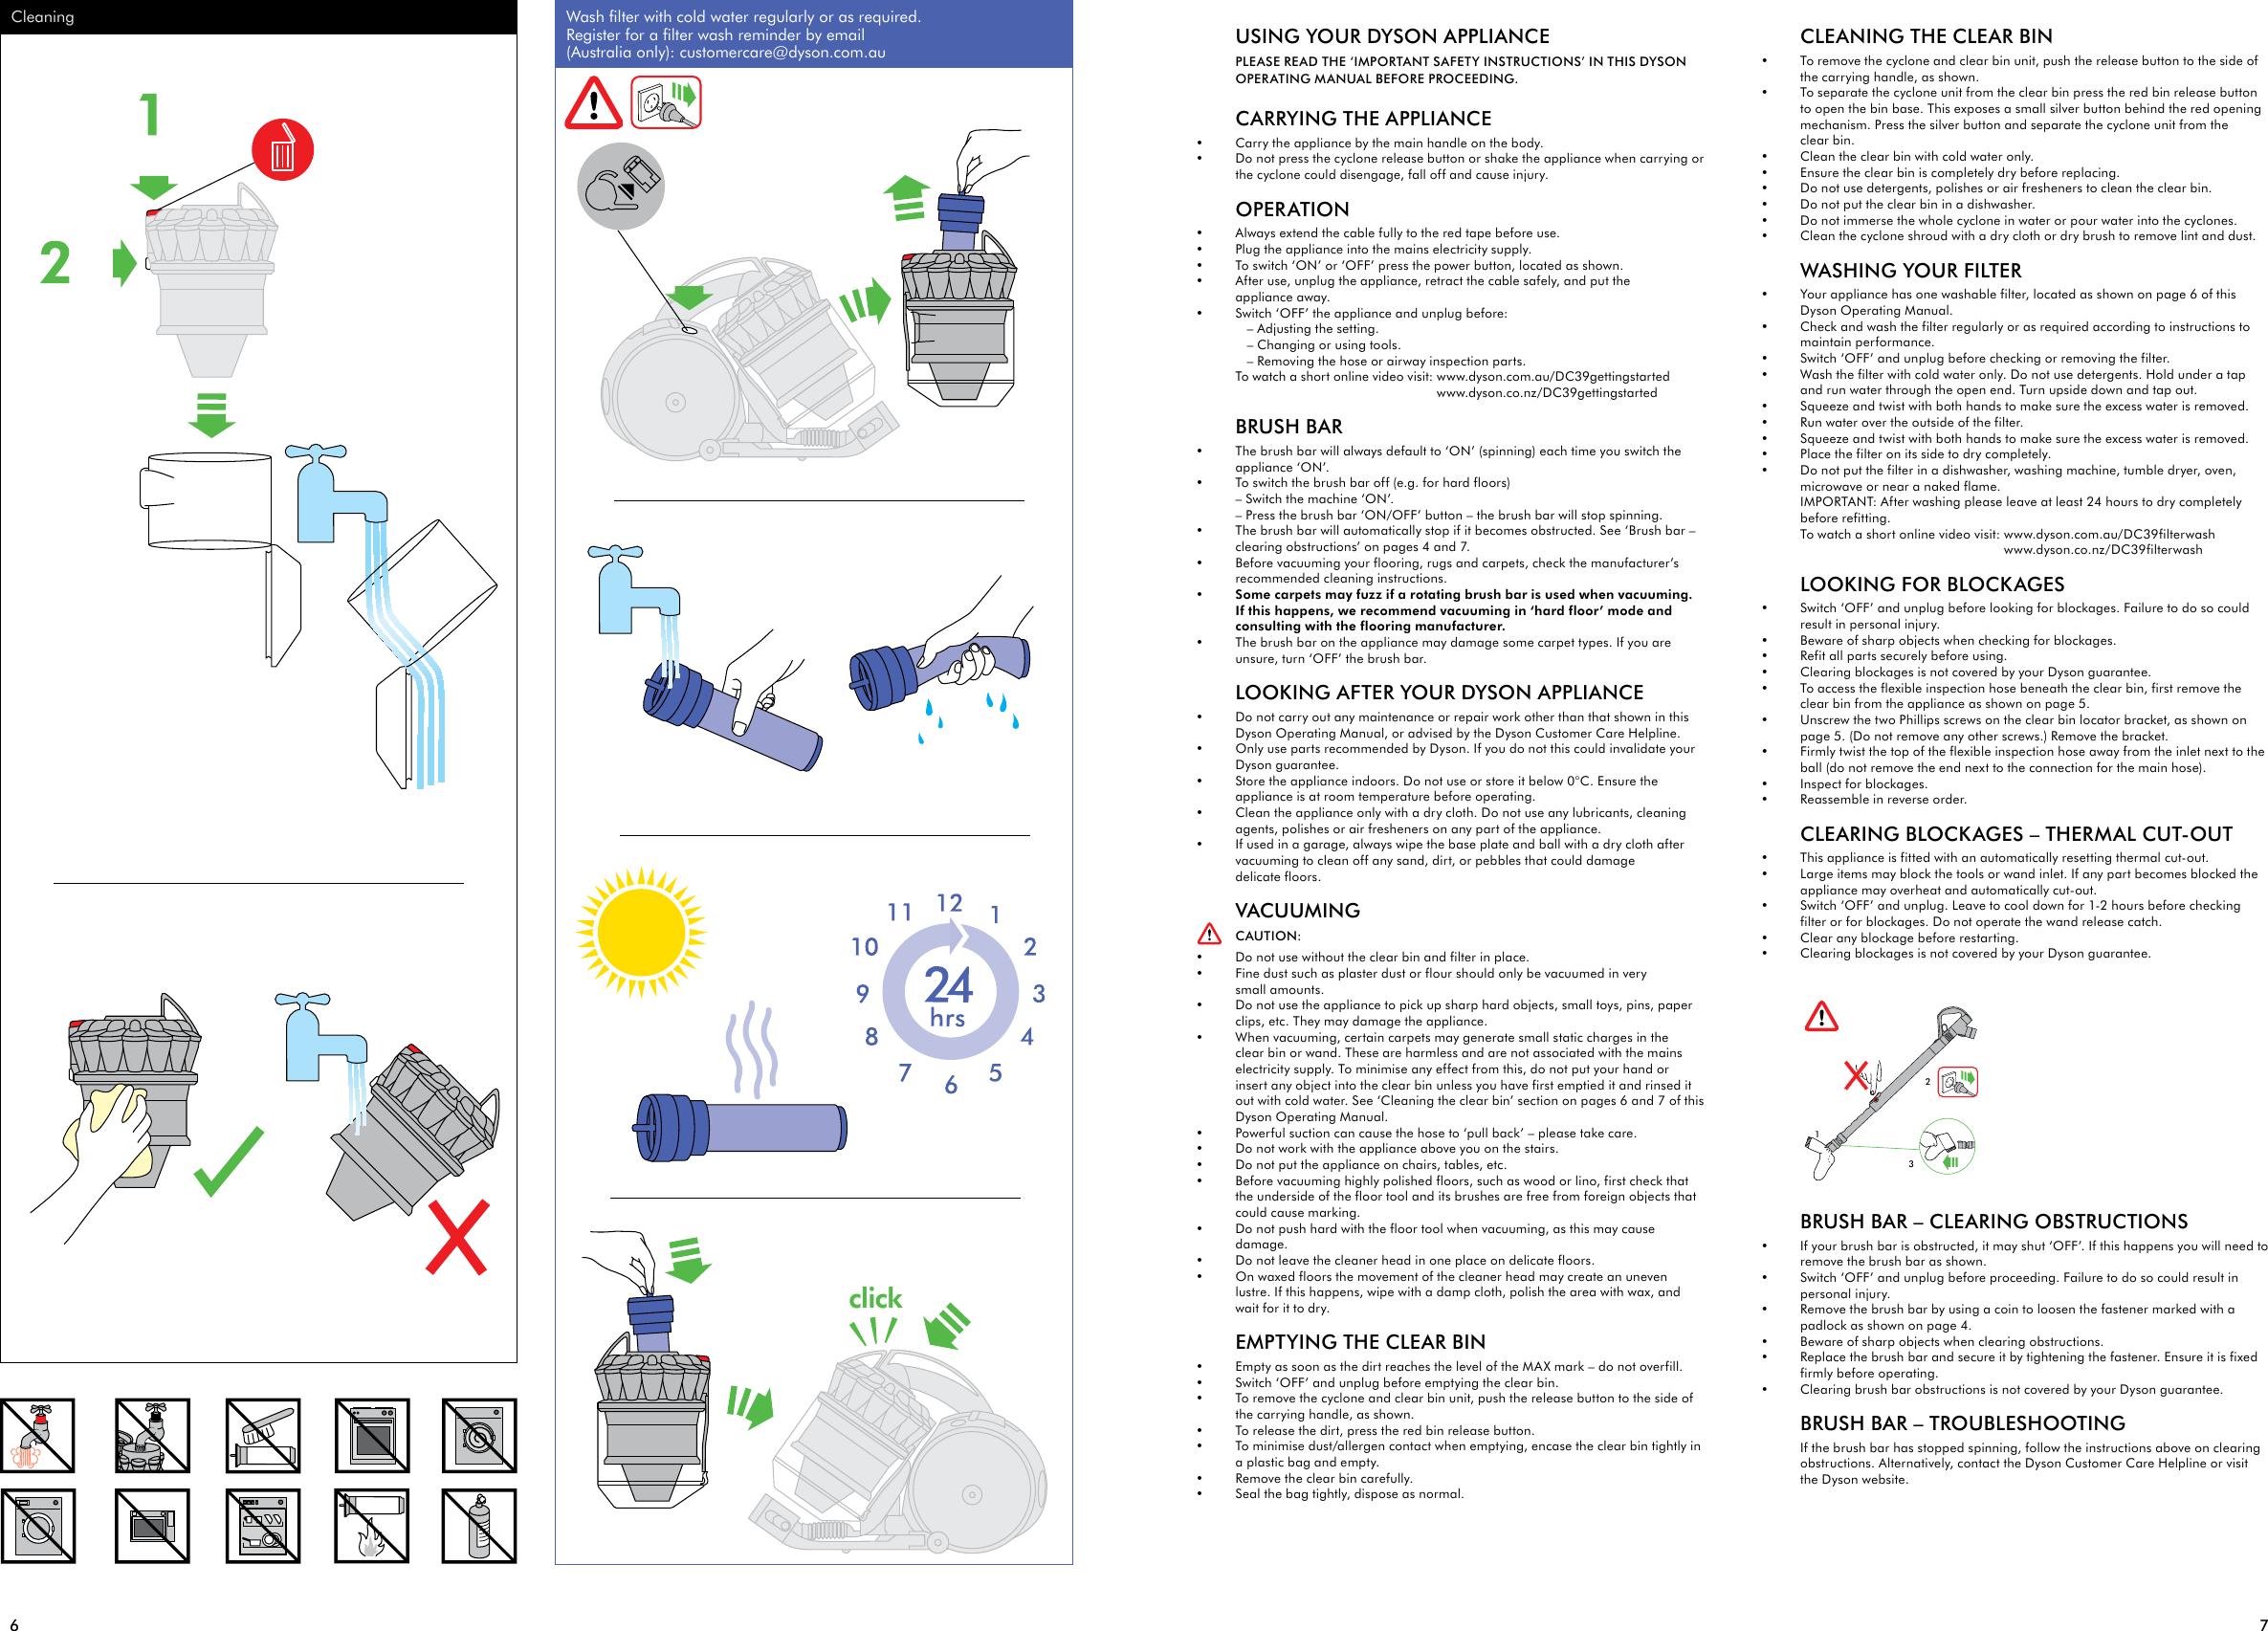 инструкция к пылесосу дайсон 29